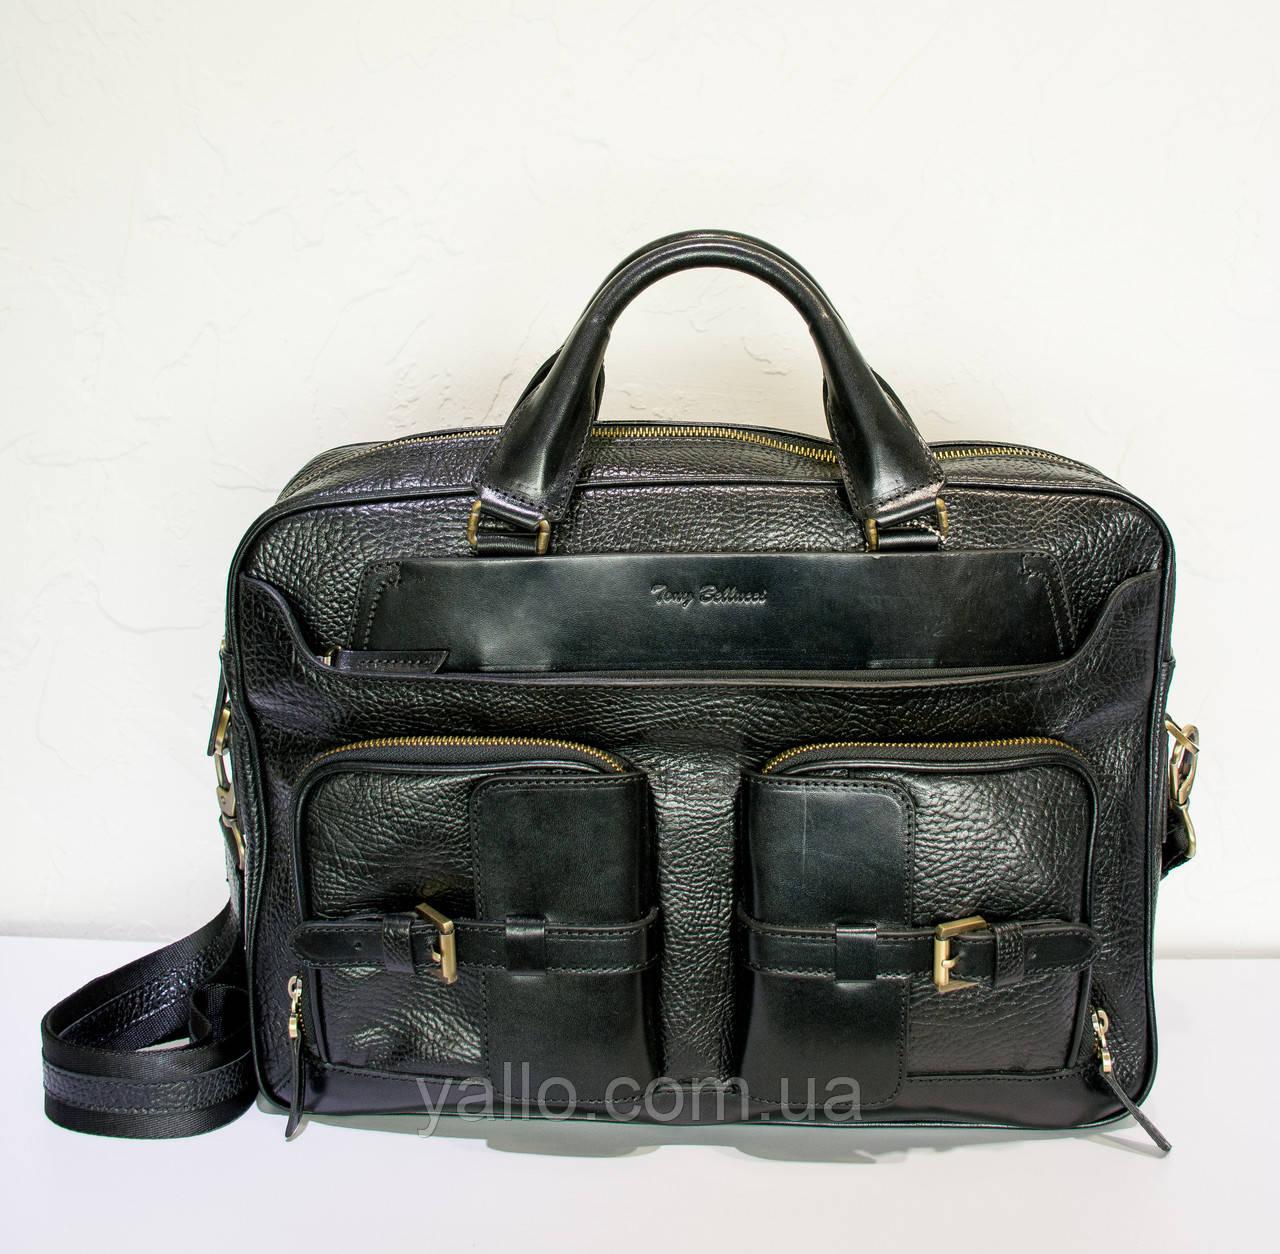 Мужская кожаная сумка Tony Bellucci T5014-893